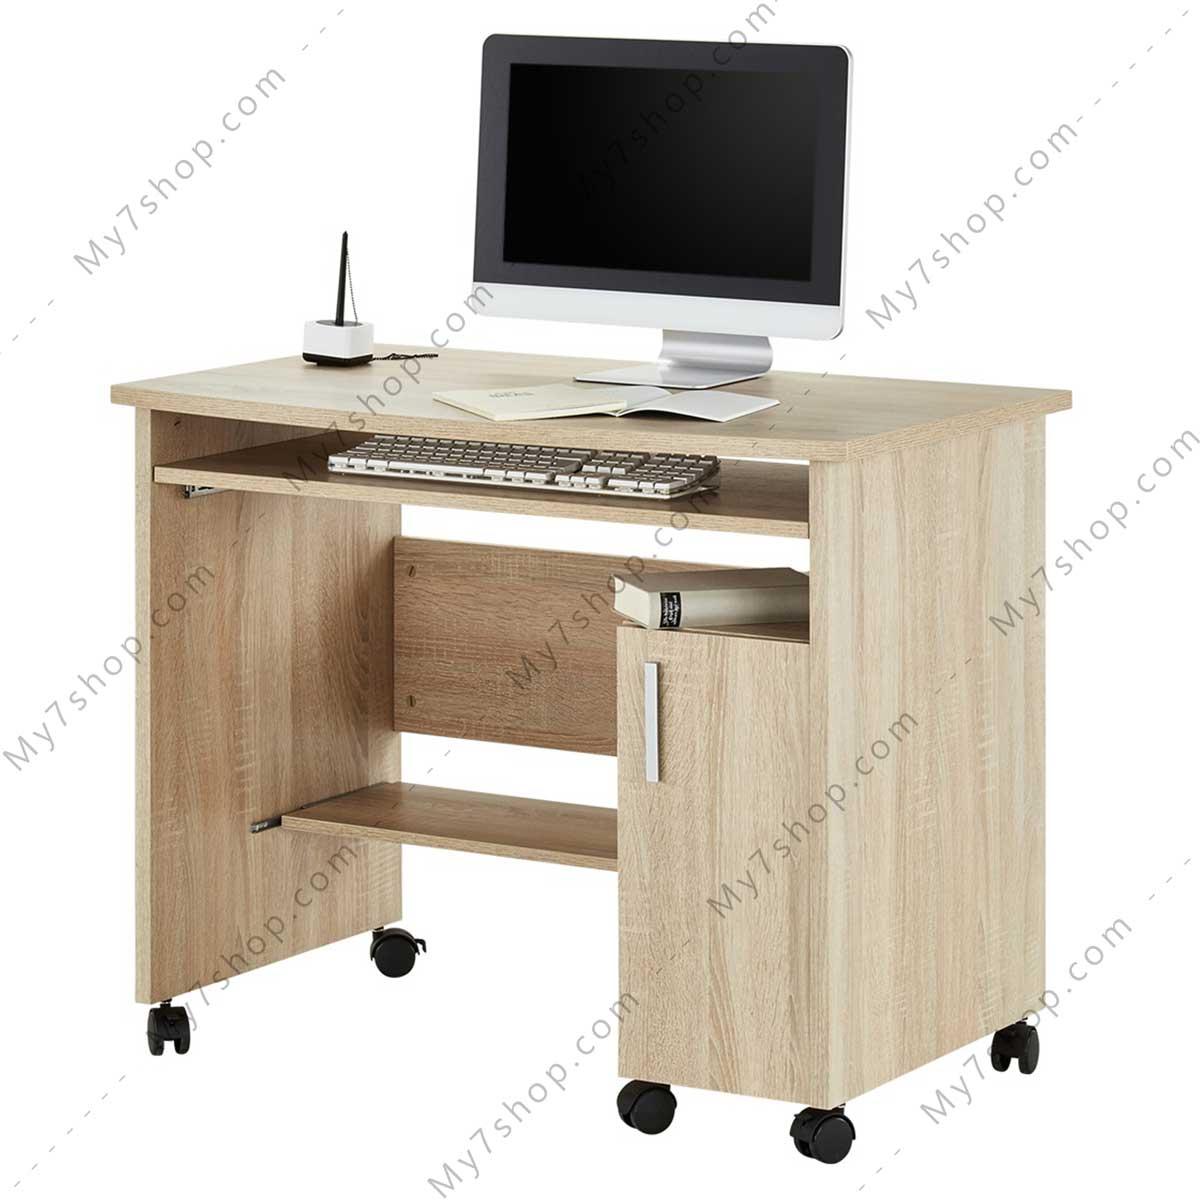 میز کامپیوتر 7527-3